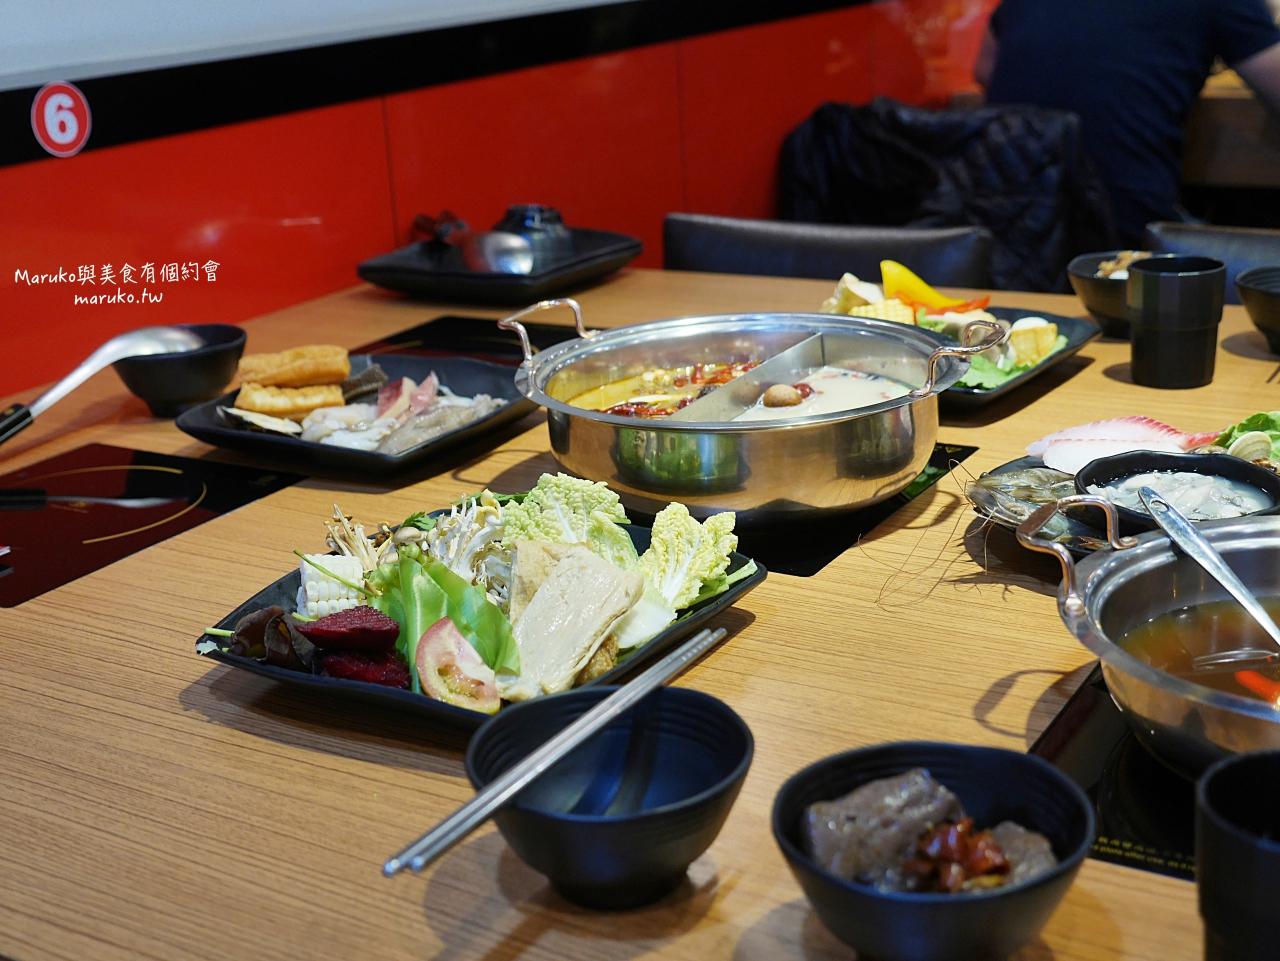 【蘆洲火鍋吃到飽】蒙古紅/100種以上海鮮、蔬菜、安格斯牛吃到飽只要550元/捷運蘆洲站火鍋推薦 @Maruko與美食有個約會